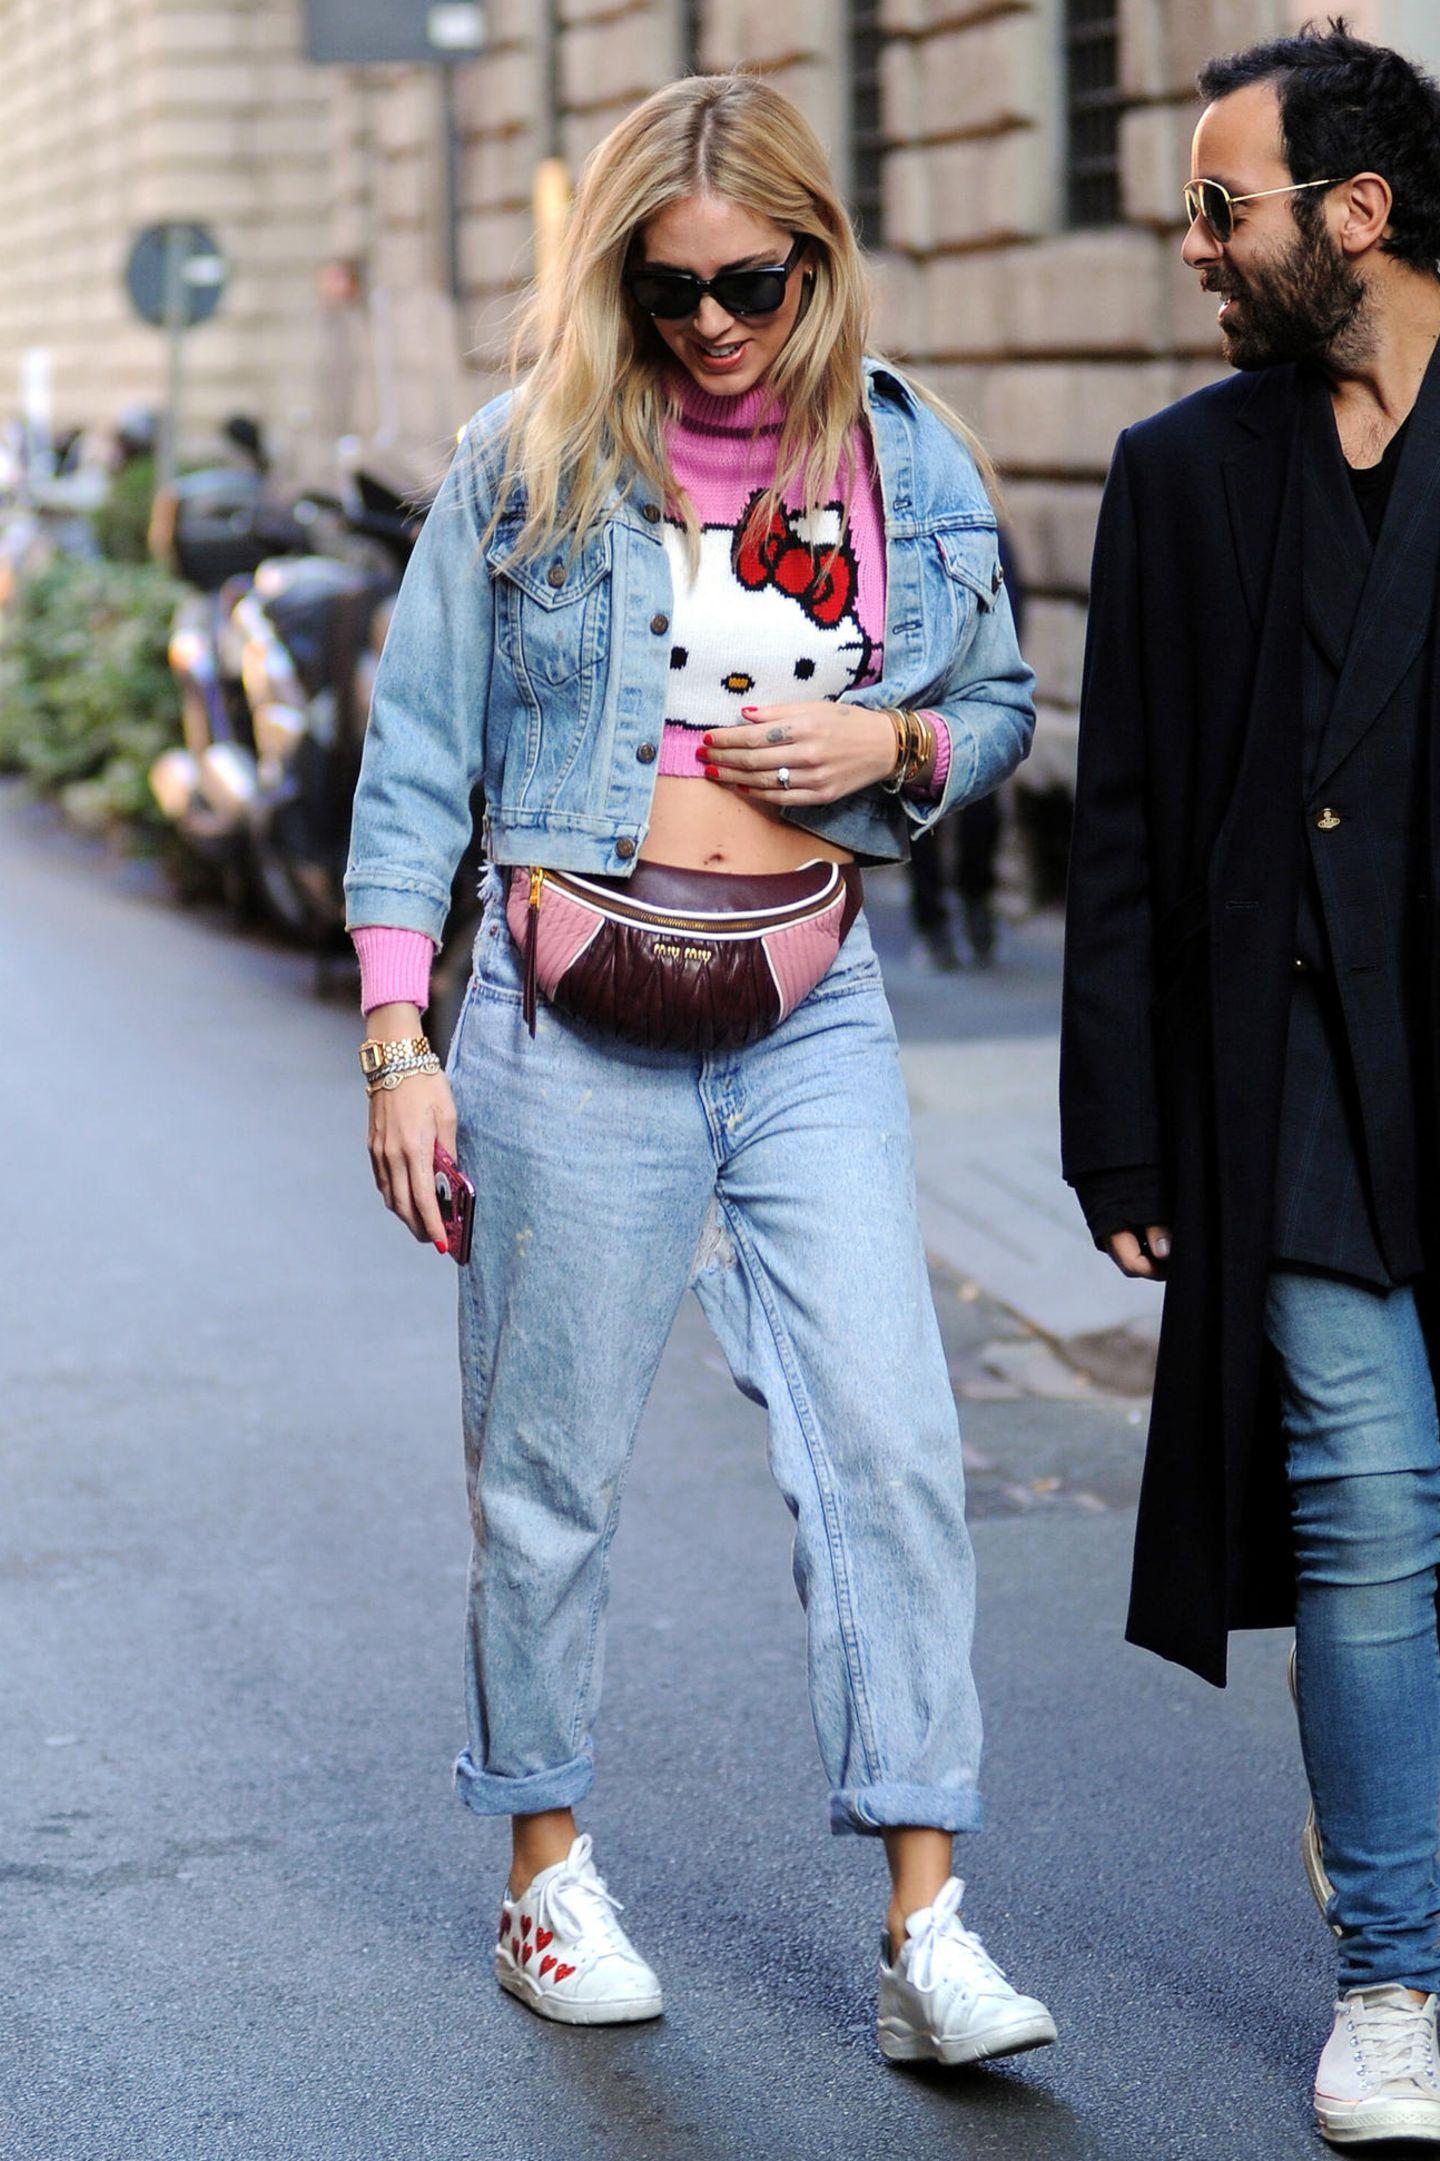 Mode-Bloggerin Chiara Ferragni schnallt sich eine Tasche um, die farblich bestens zu ihrem Pullover passt.